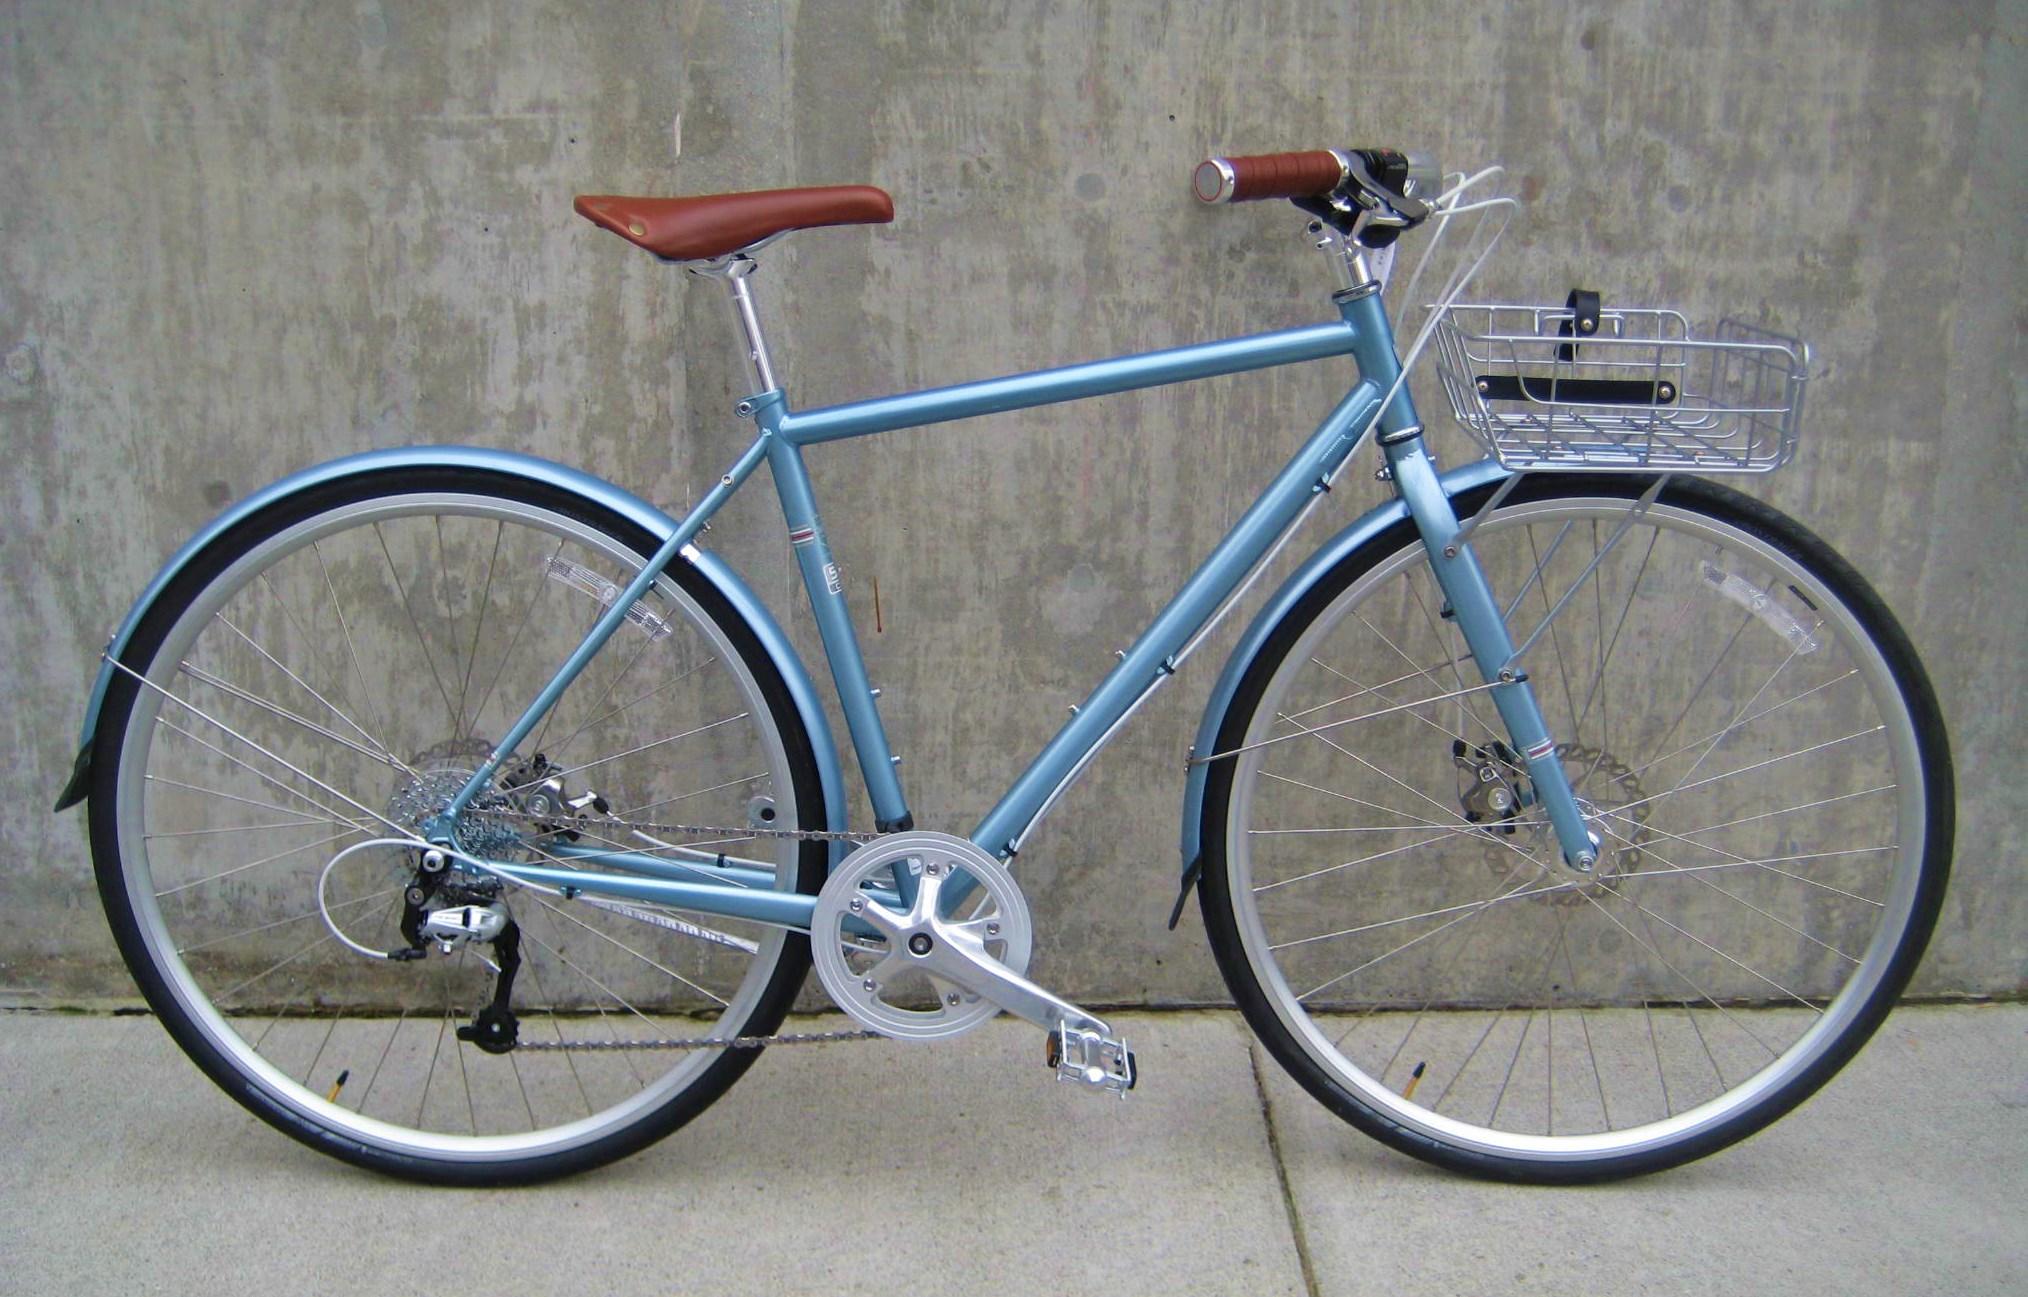 Chiếc xe đạp thành phố Trek Steel District 2014 nhập khẩu giá 18.9 triệu. Nguồn: classiccycleus.com